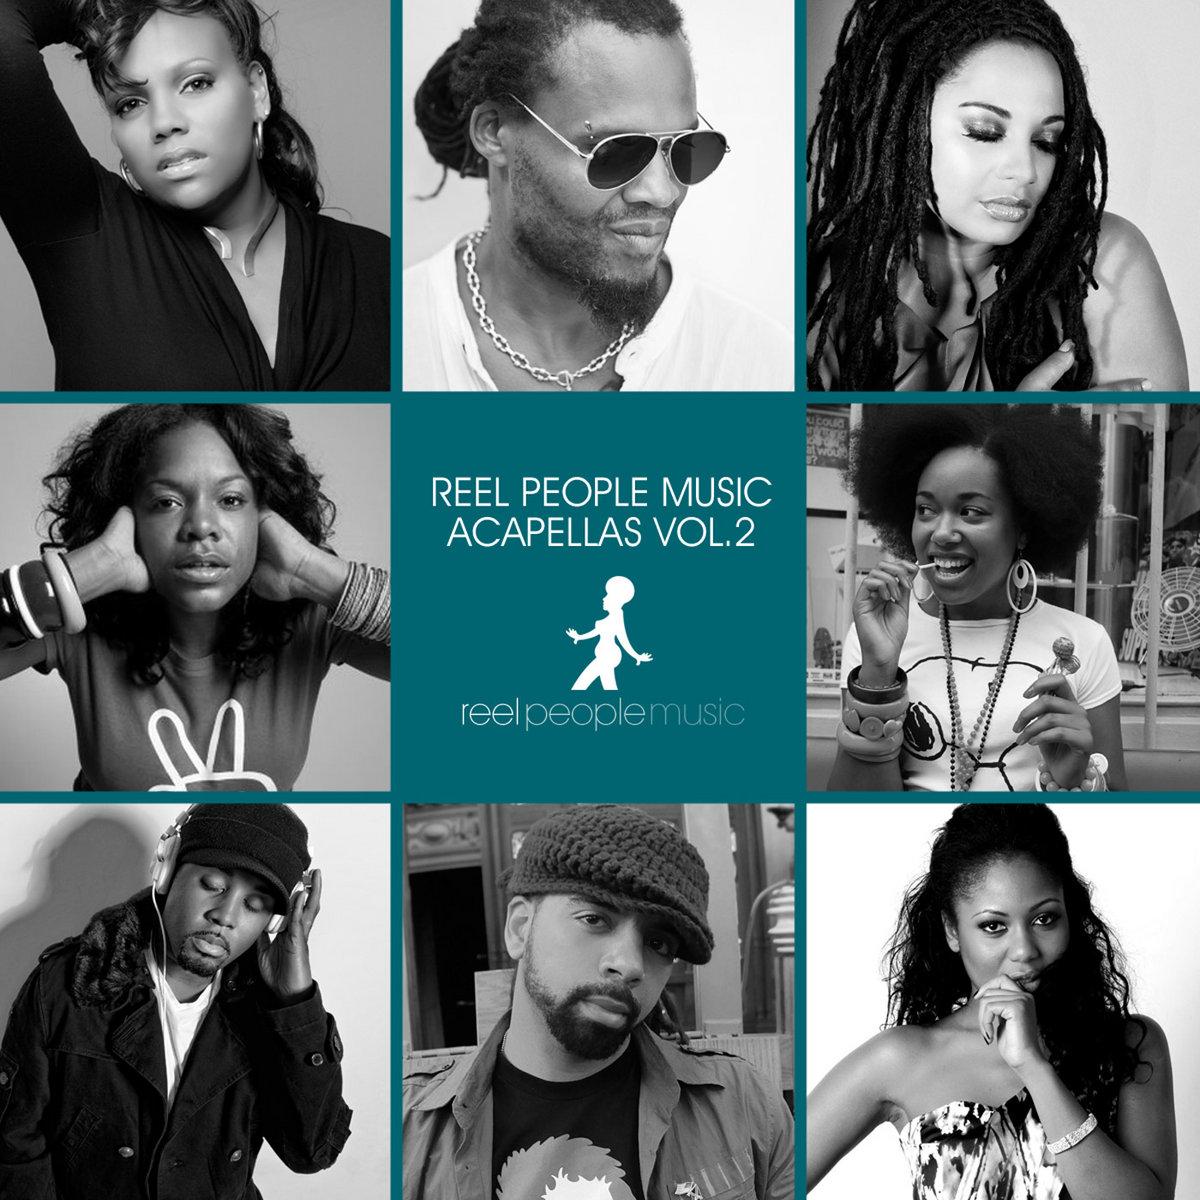 Reel People Music Acapellas Vol  2 | Reel People Music